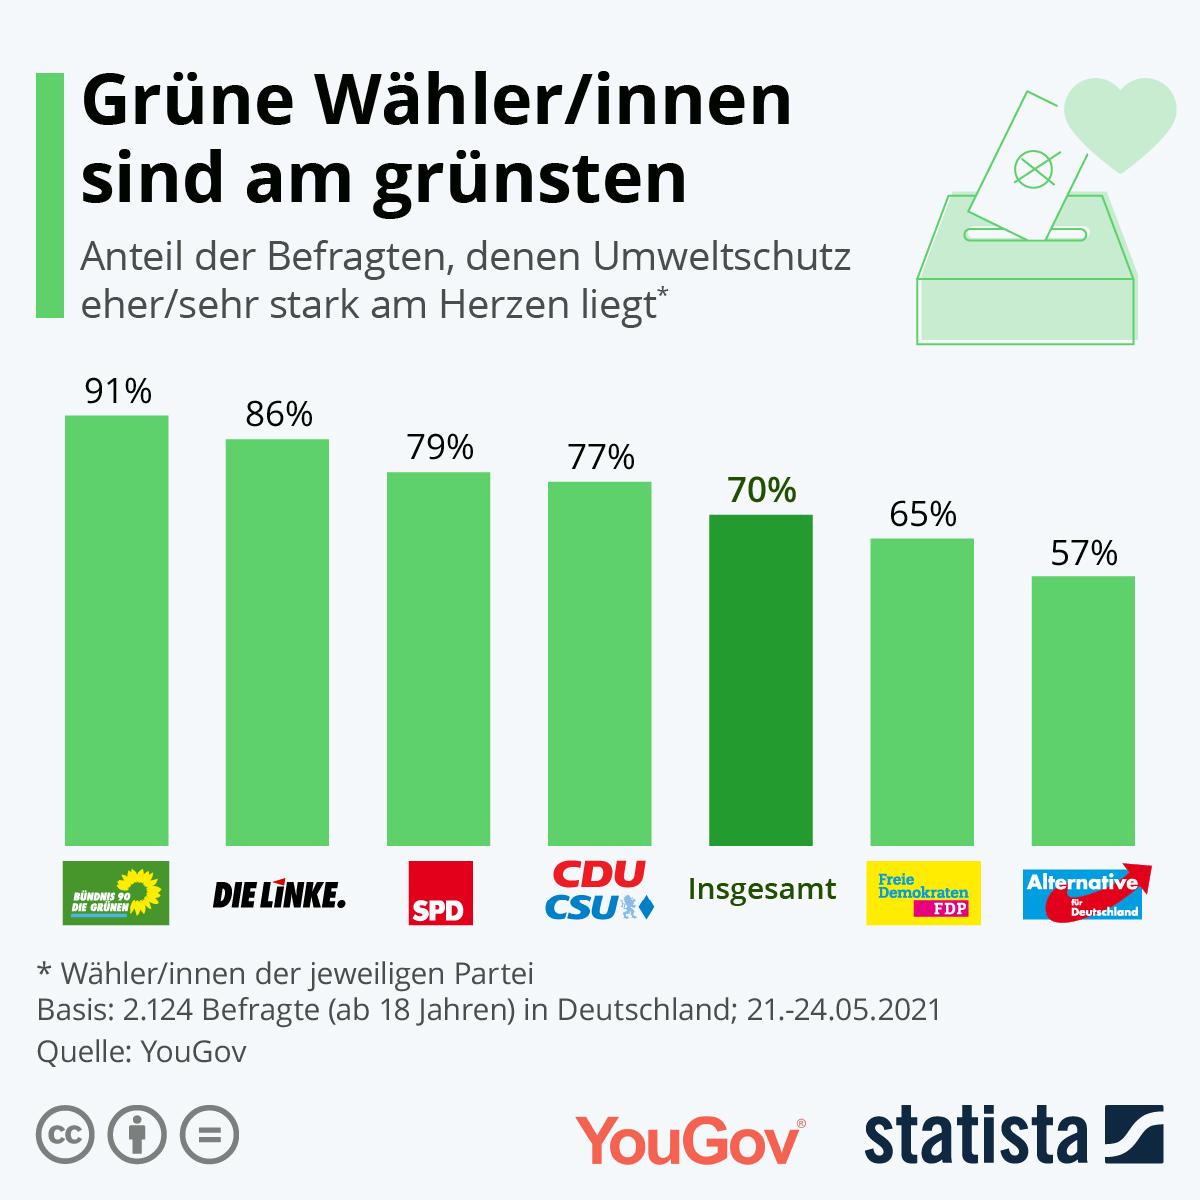 Grünen-Wähler sind am grünsten